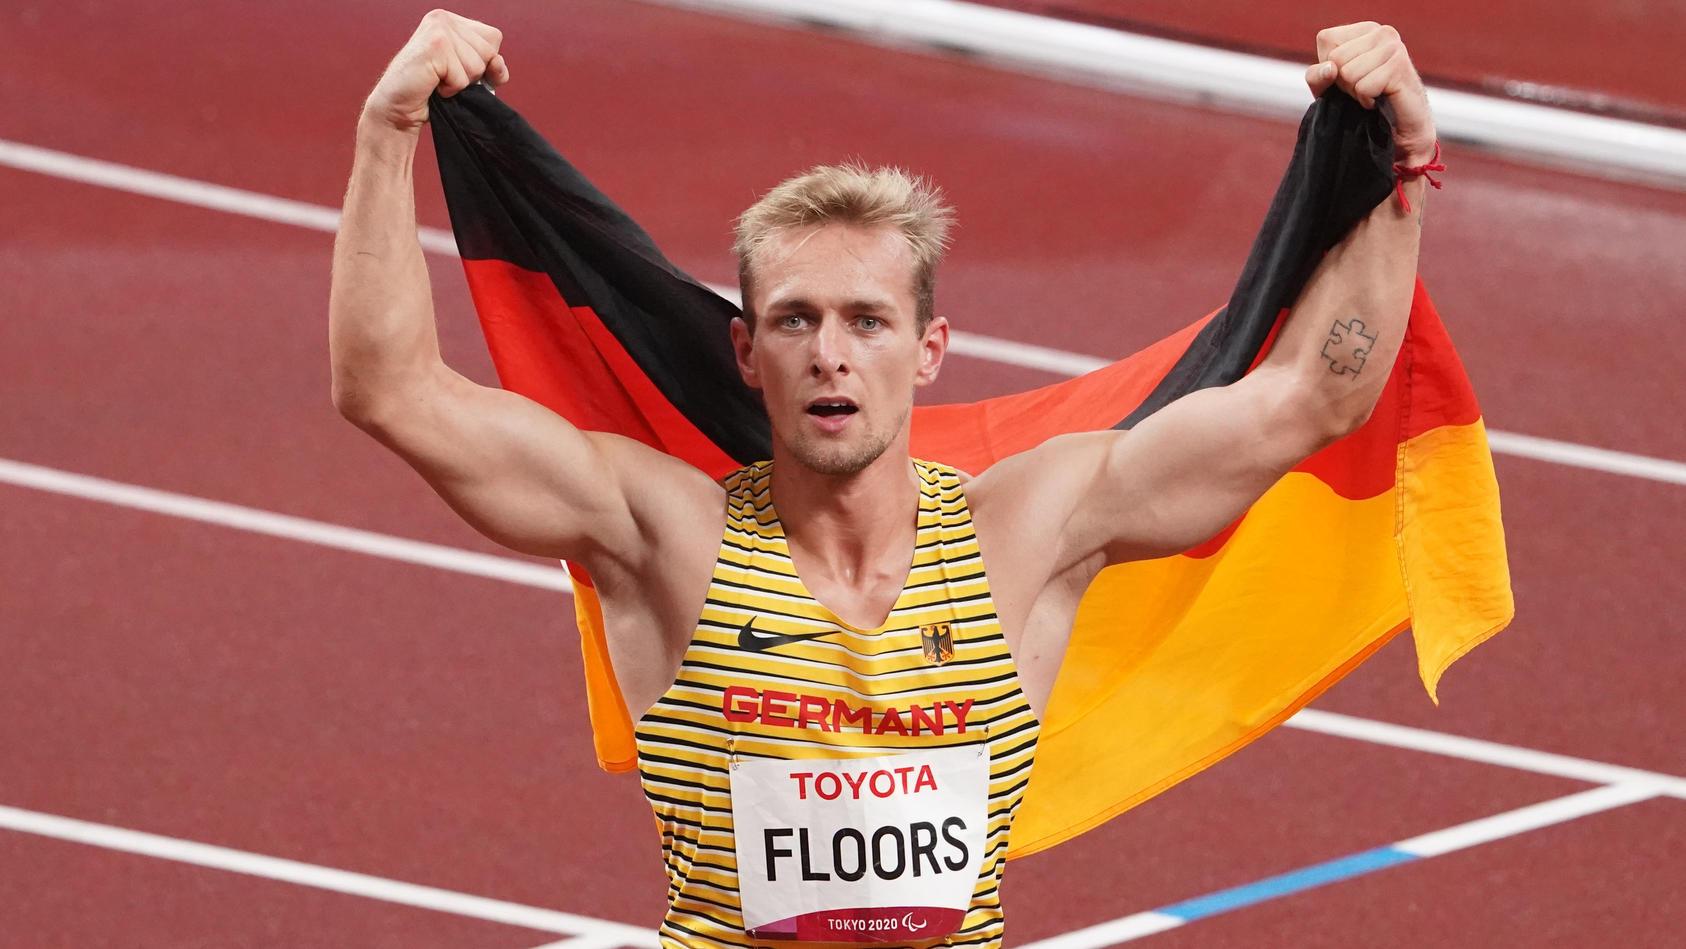 Johannes Floors sprintete über 400m zu Gold